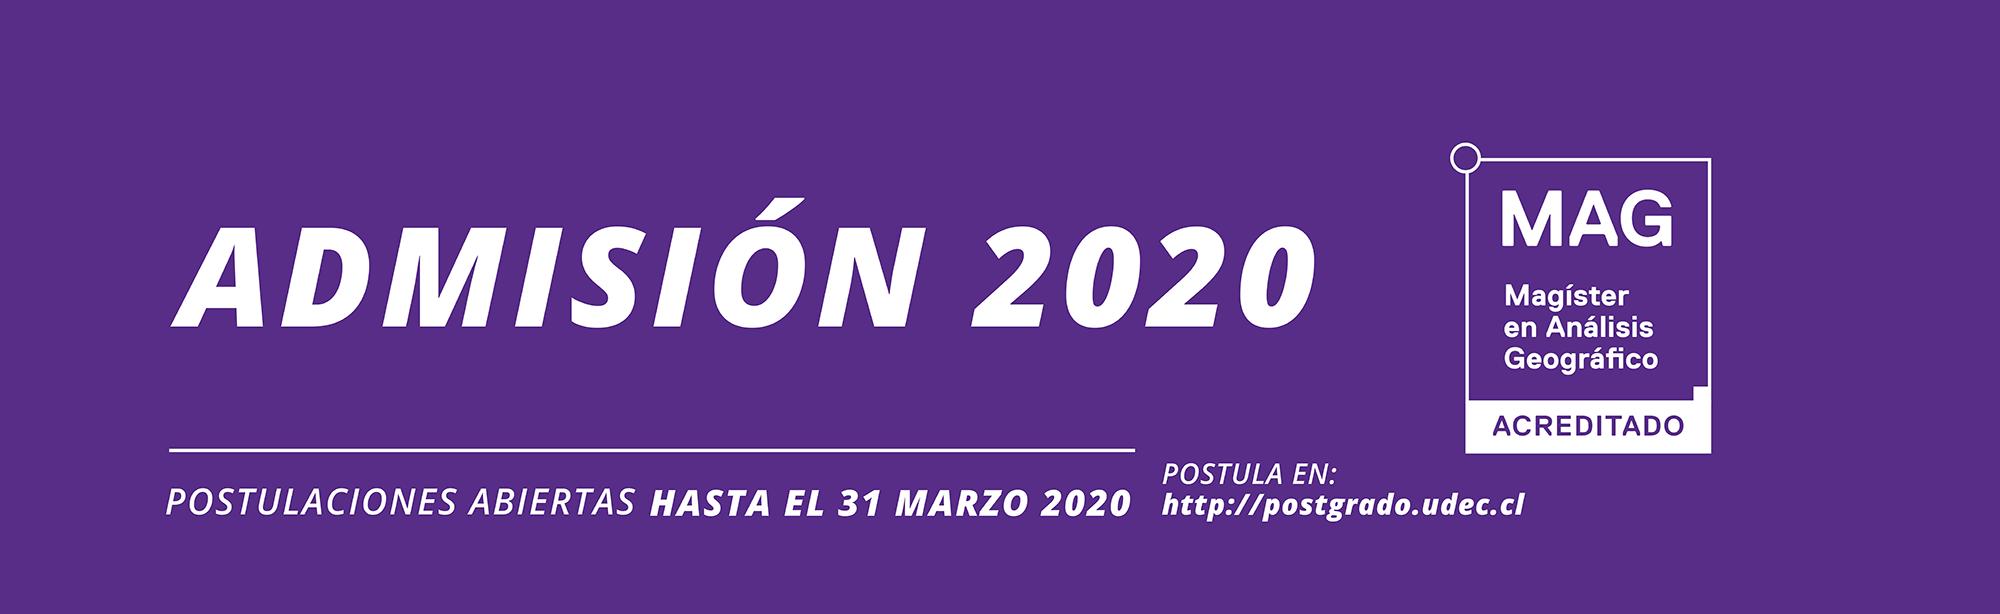 Slide-MAG-2020r